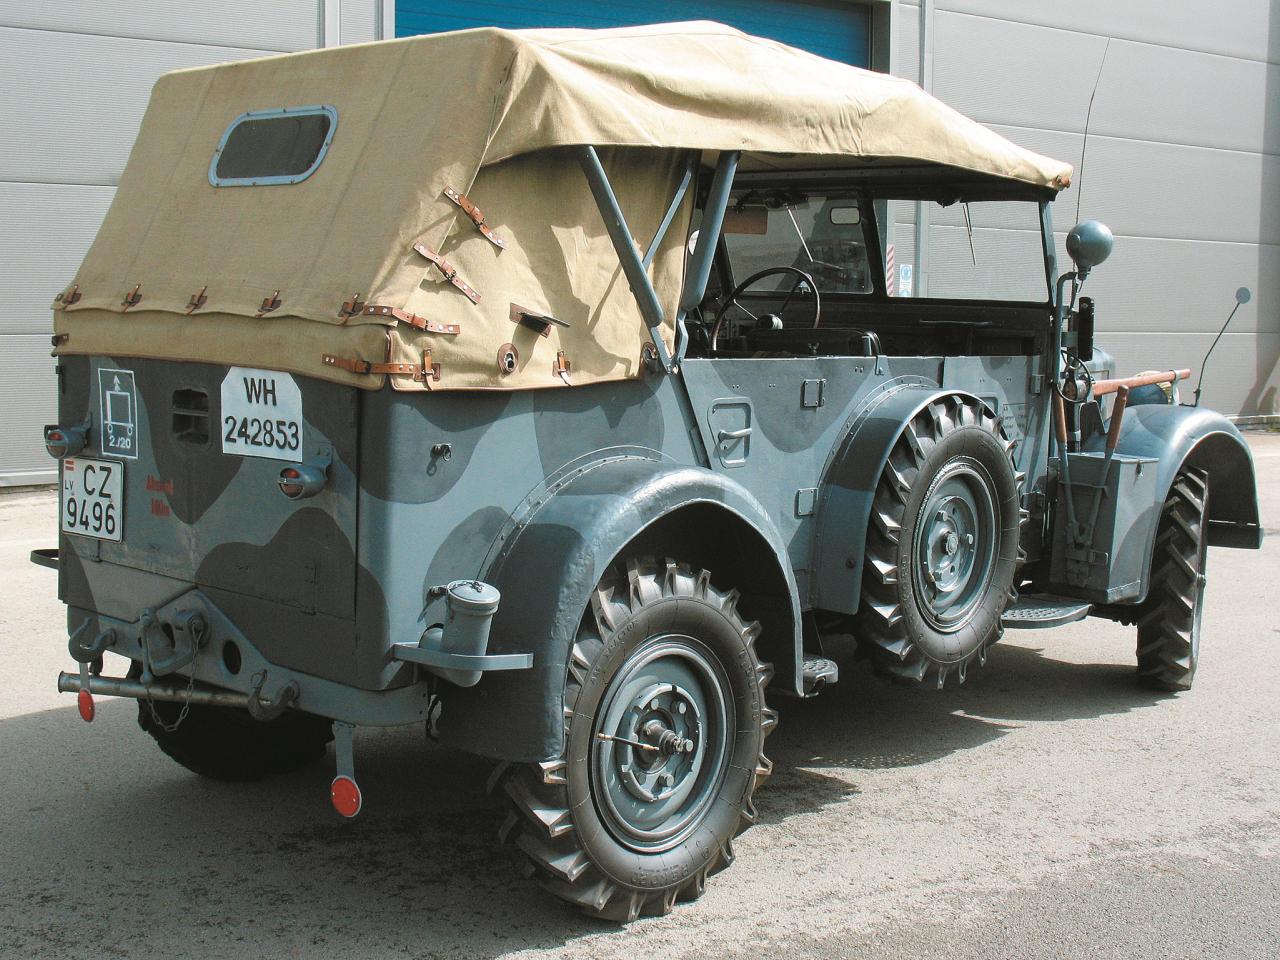 Uz kravas nodalījuma durtiņām uzstādīta Vermahta transportlīdzekļa reģistrācijas numura zīme un atstarotāji uz pielokāmiem kronšteiniem